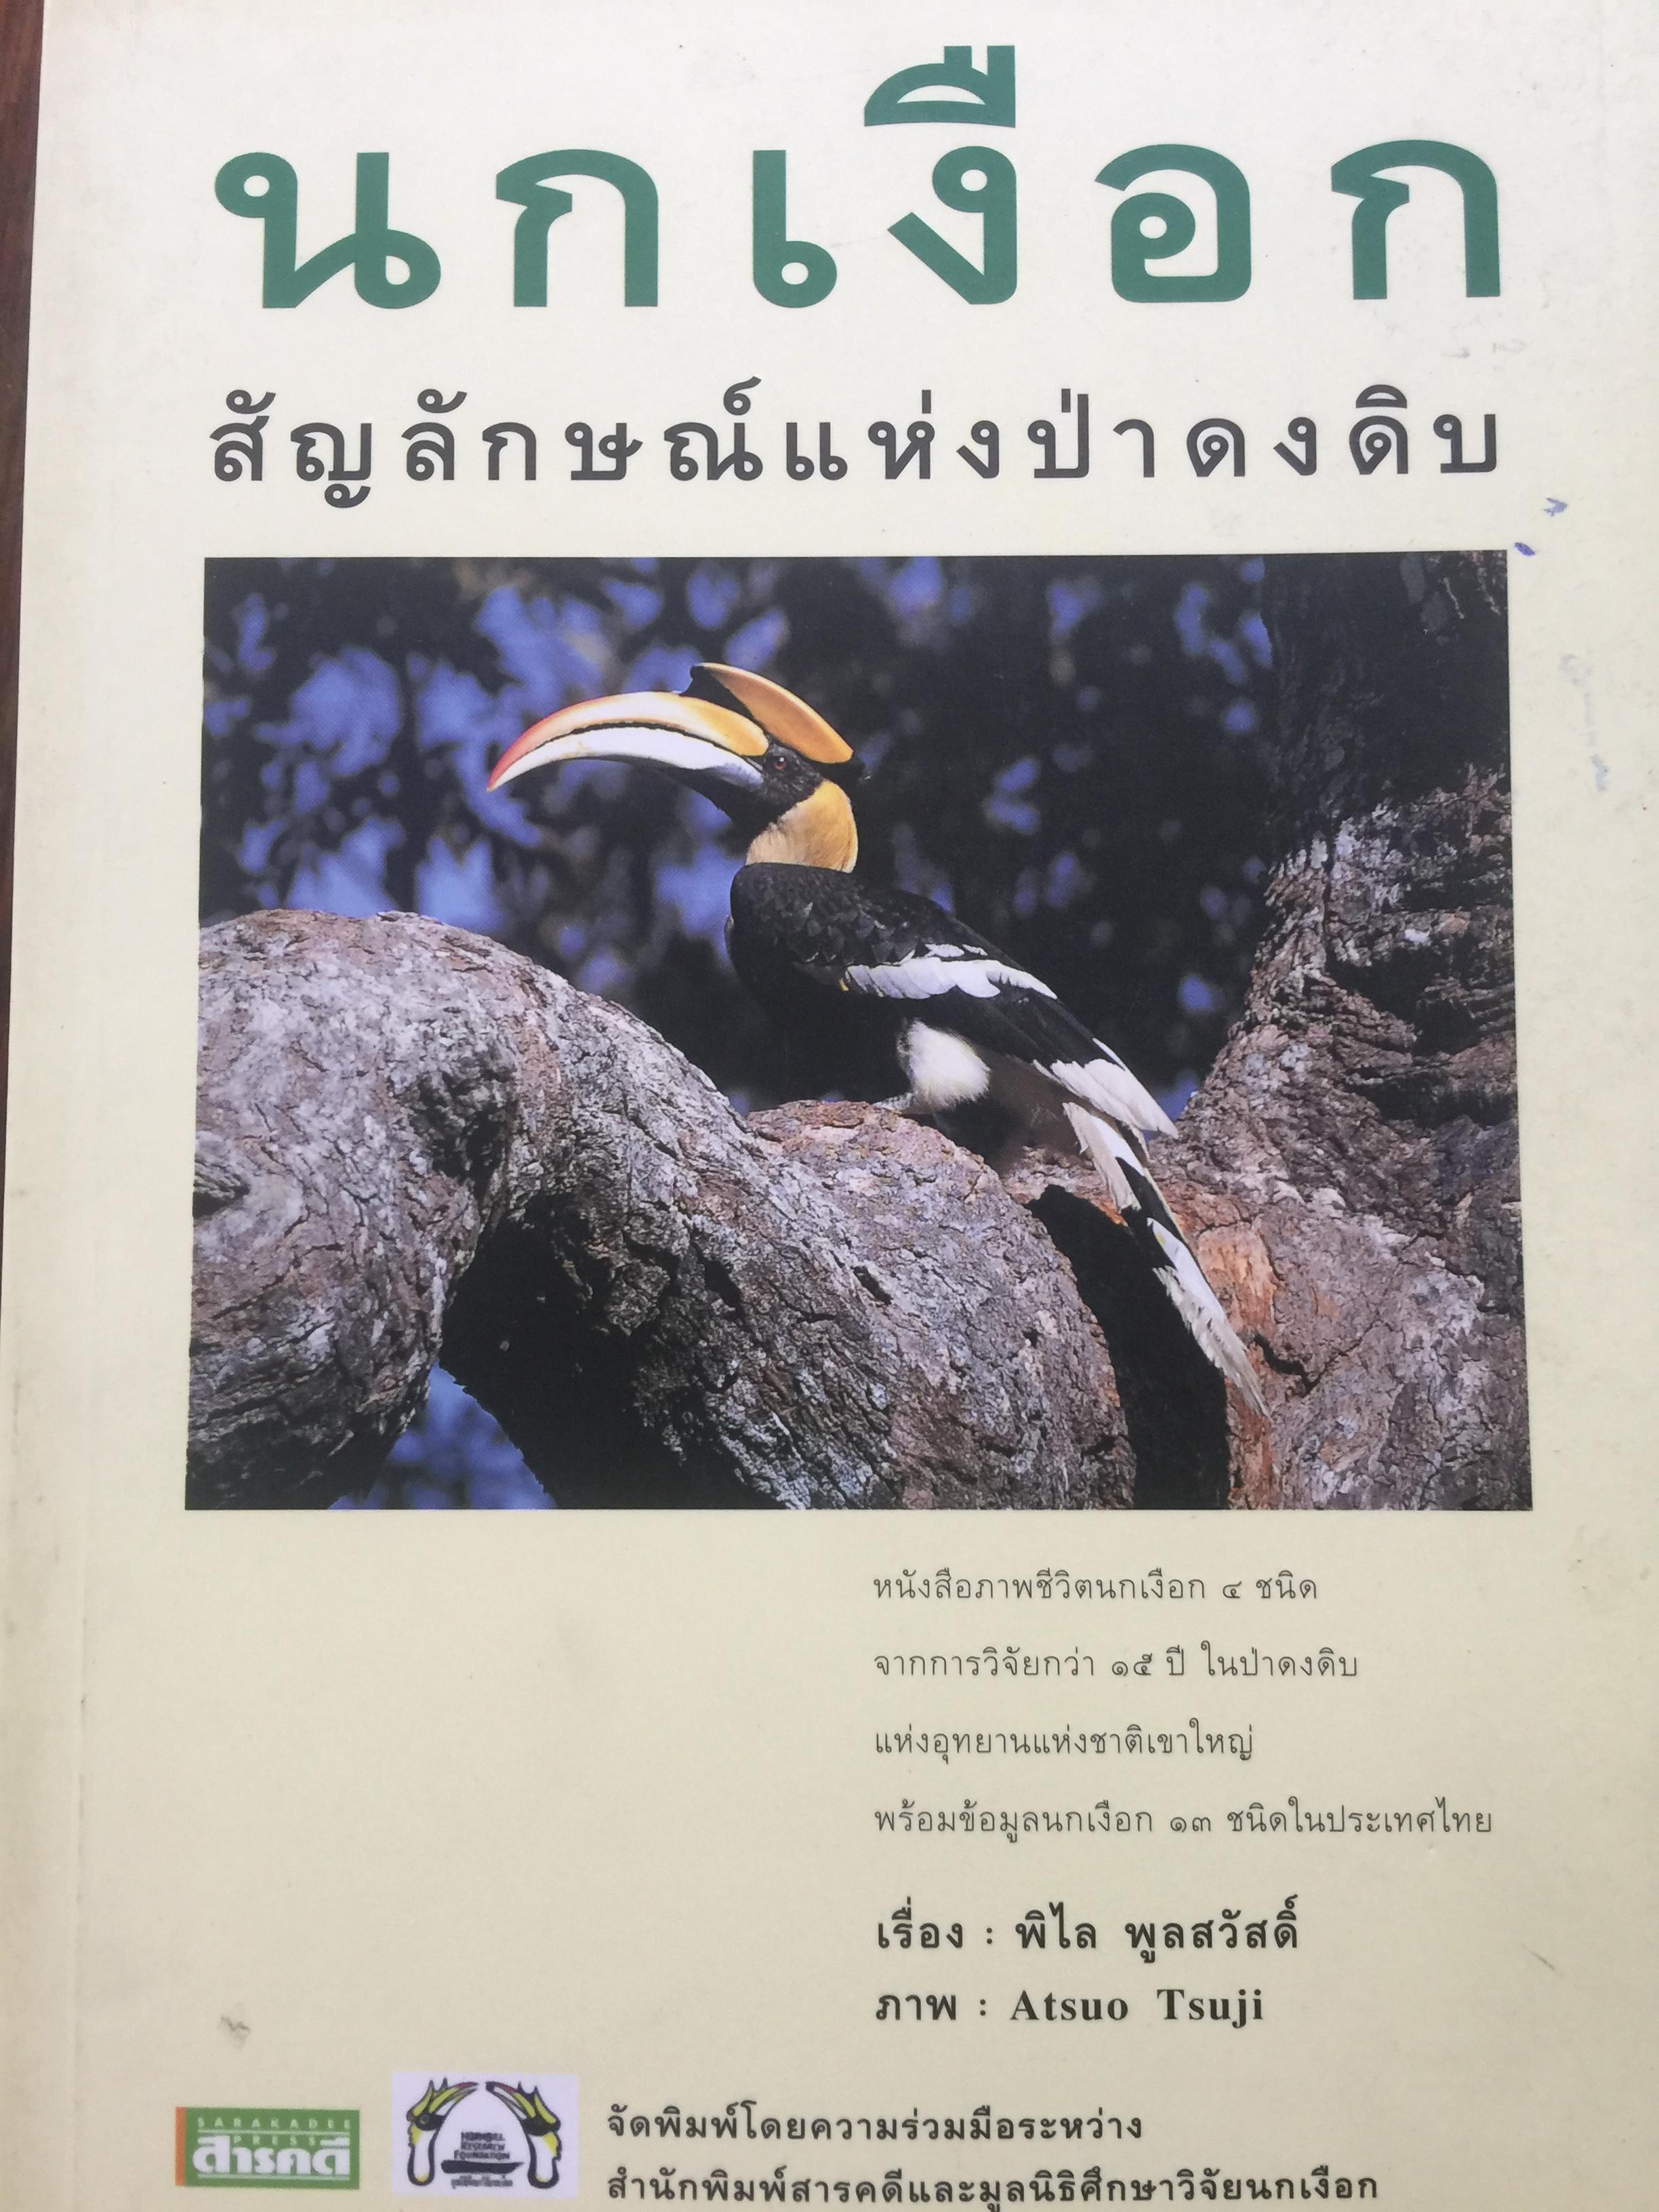 นกเงือก สัญลักษณ์แห่งป่าดงดิบ.หนังสือภาพชีวิตนกเงือก 4 ชนิดจากการวิจัยกว่า 15 ปีในป่าดงดิบแห่งอุทยานแห่งชาติเขาใหญ่ ผู้เขียน พิไล พูนสวัสดิ์